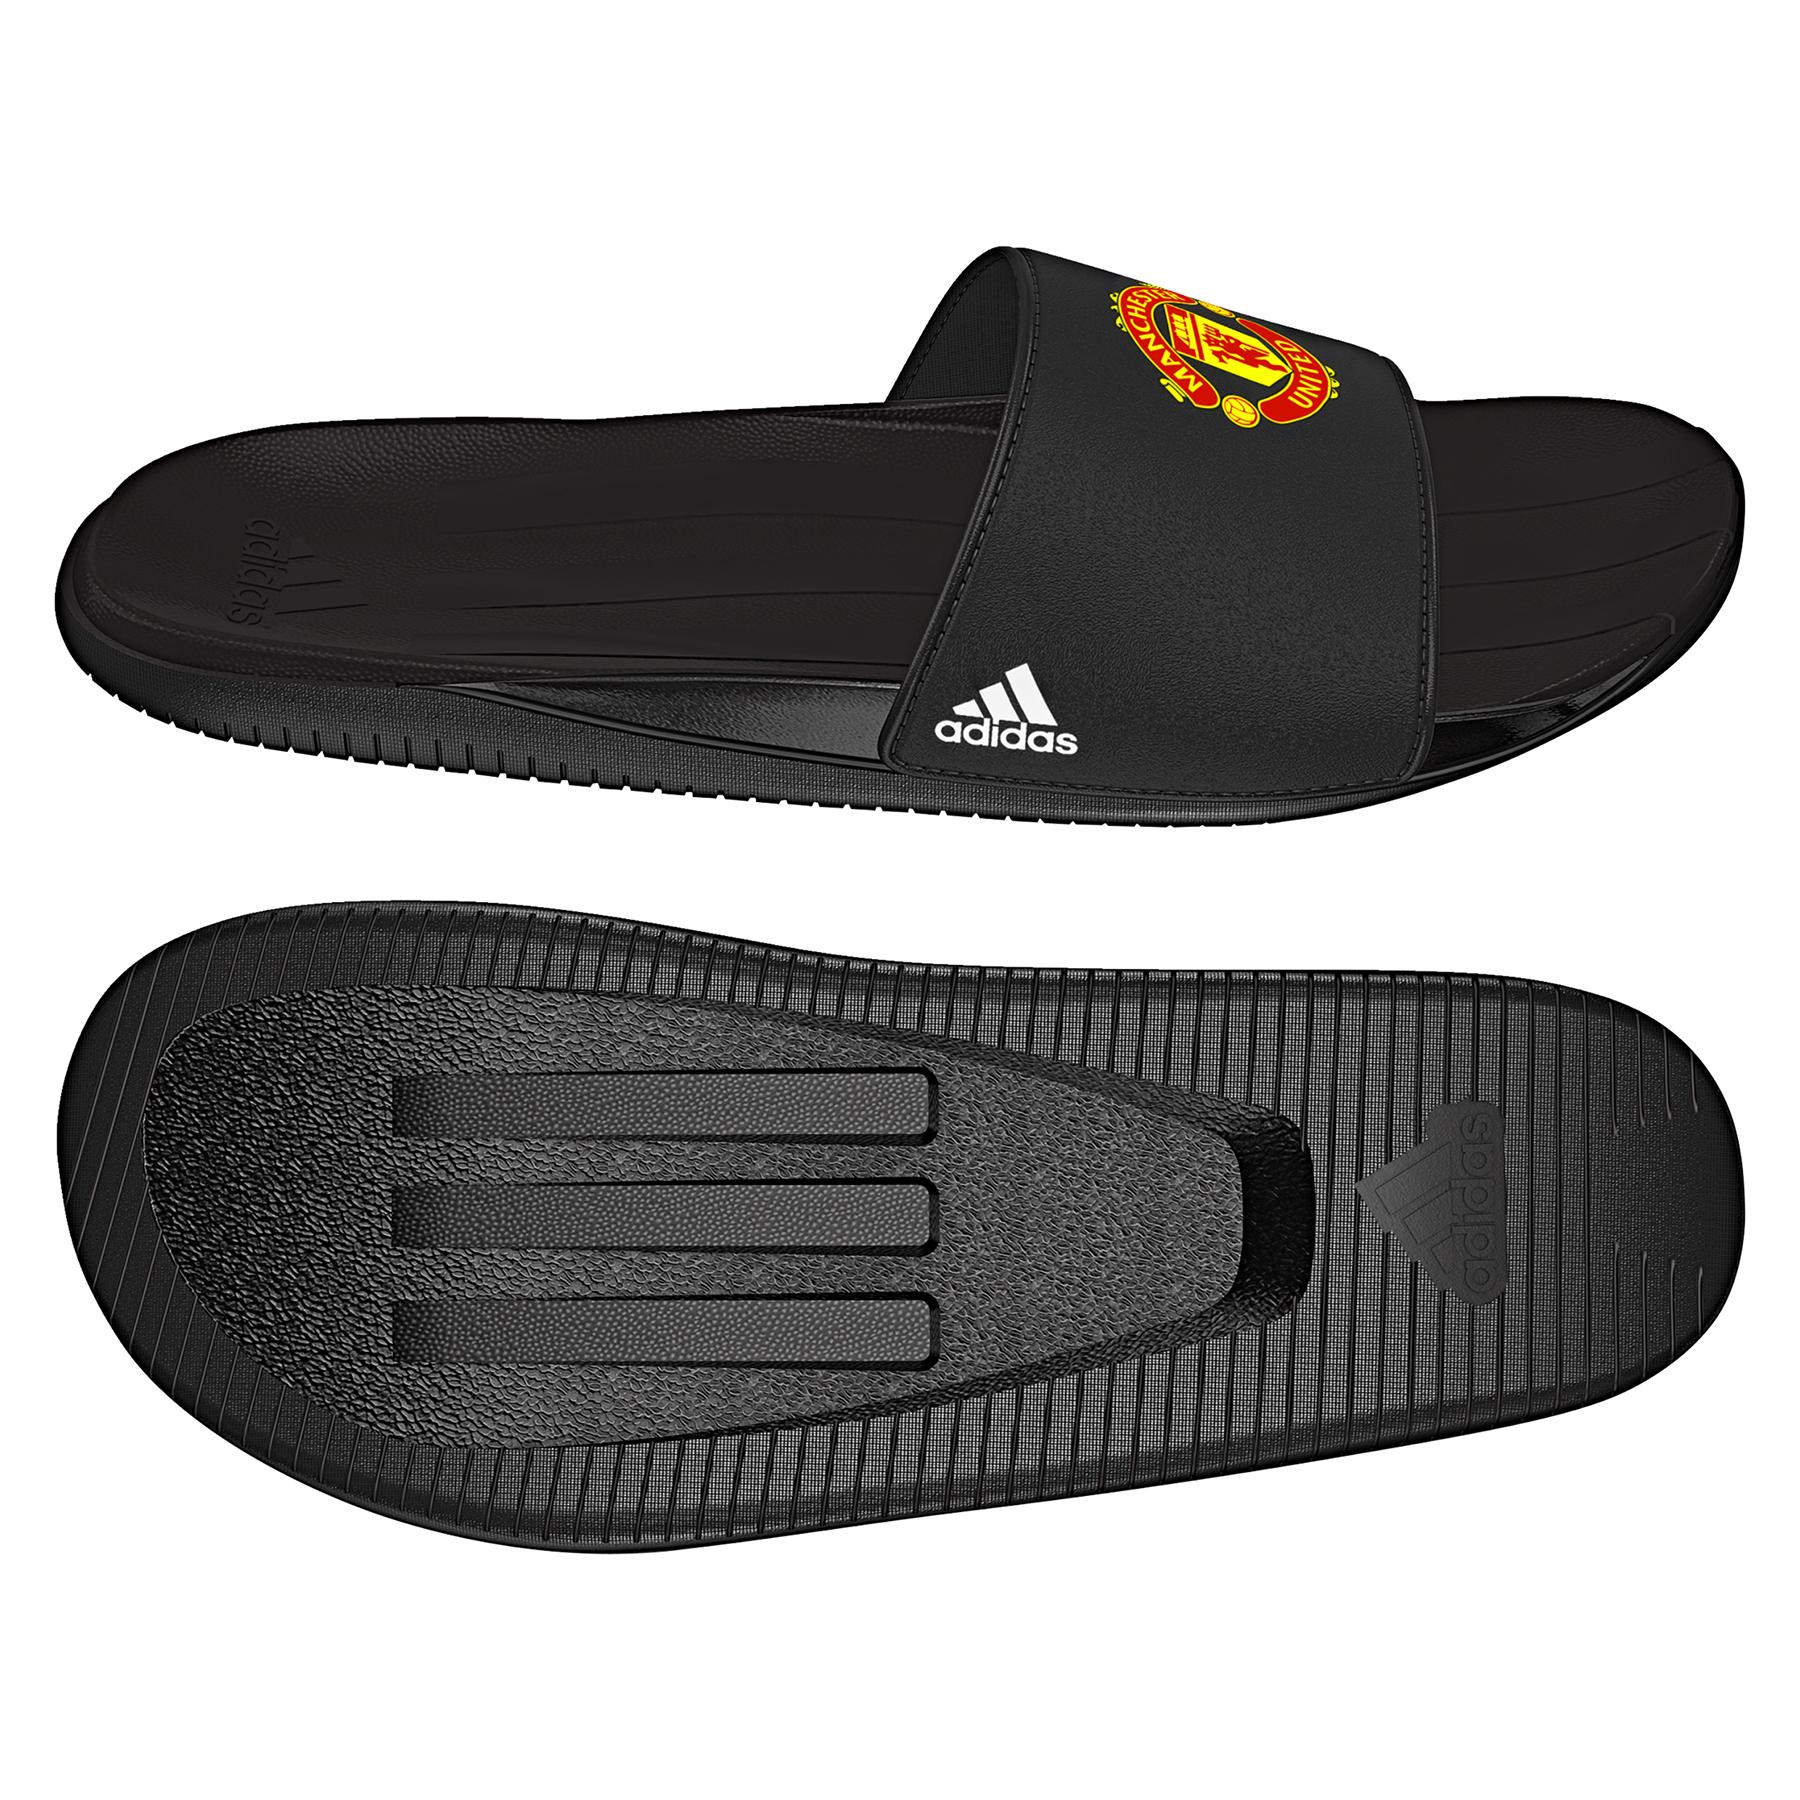 Manchester United Slide Flip Flop - Black